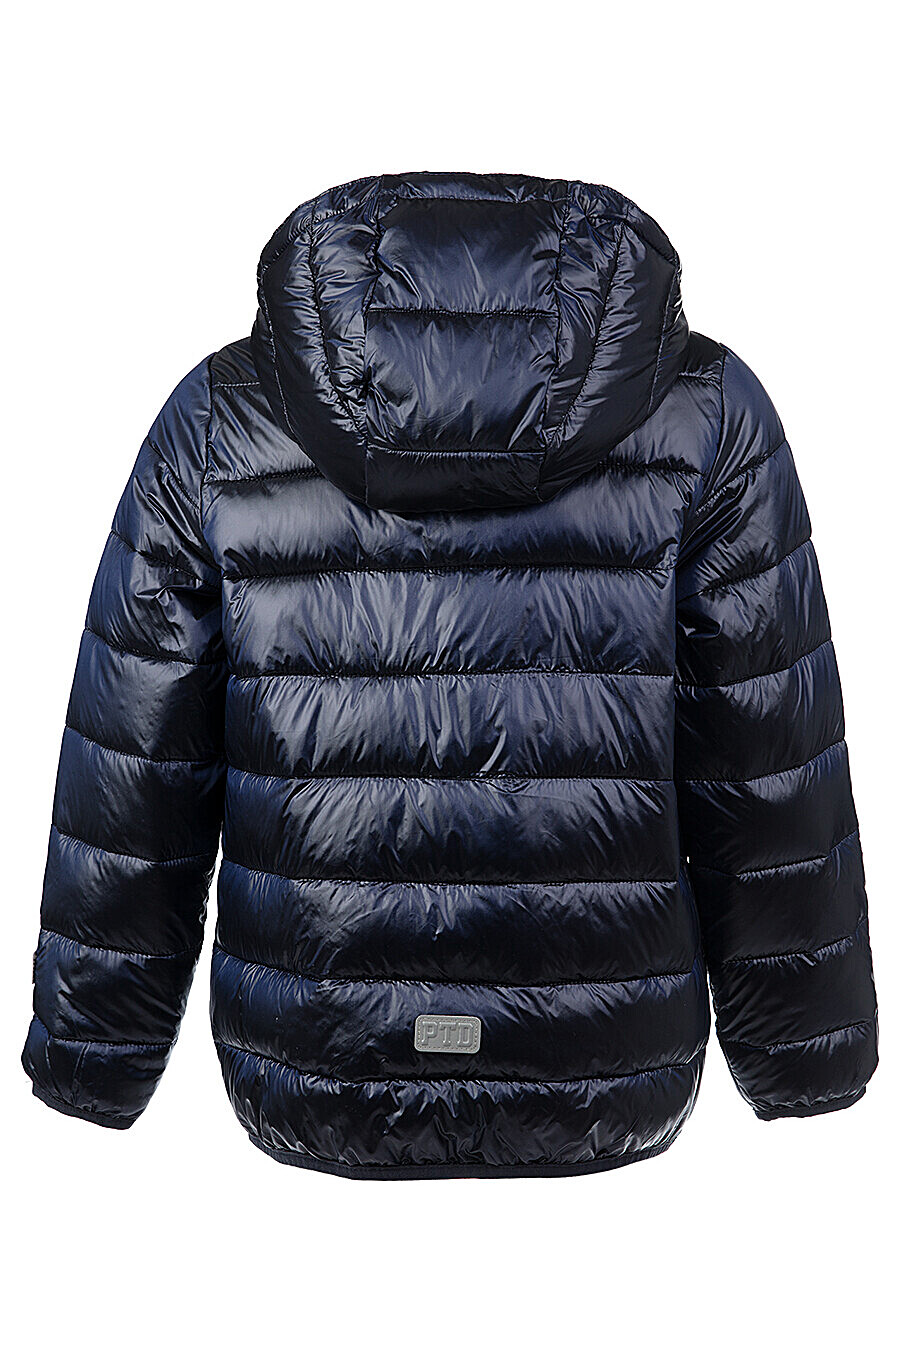 Куртка PLAYTODAY (205224), купить в Moyo.moda